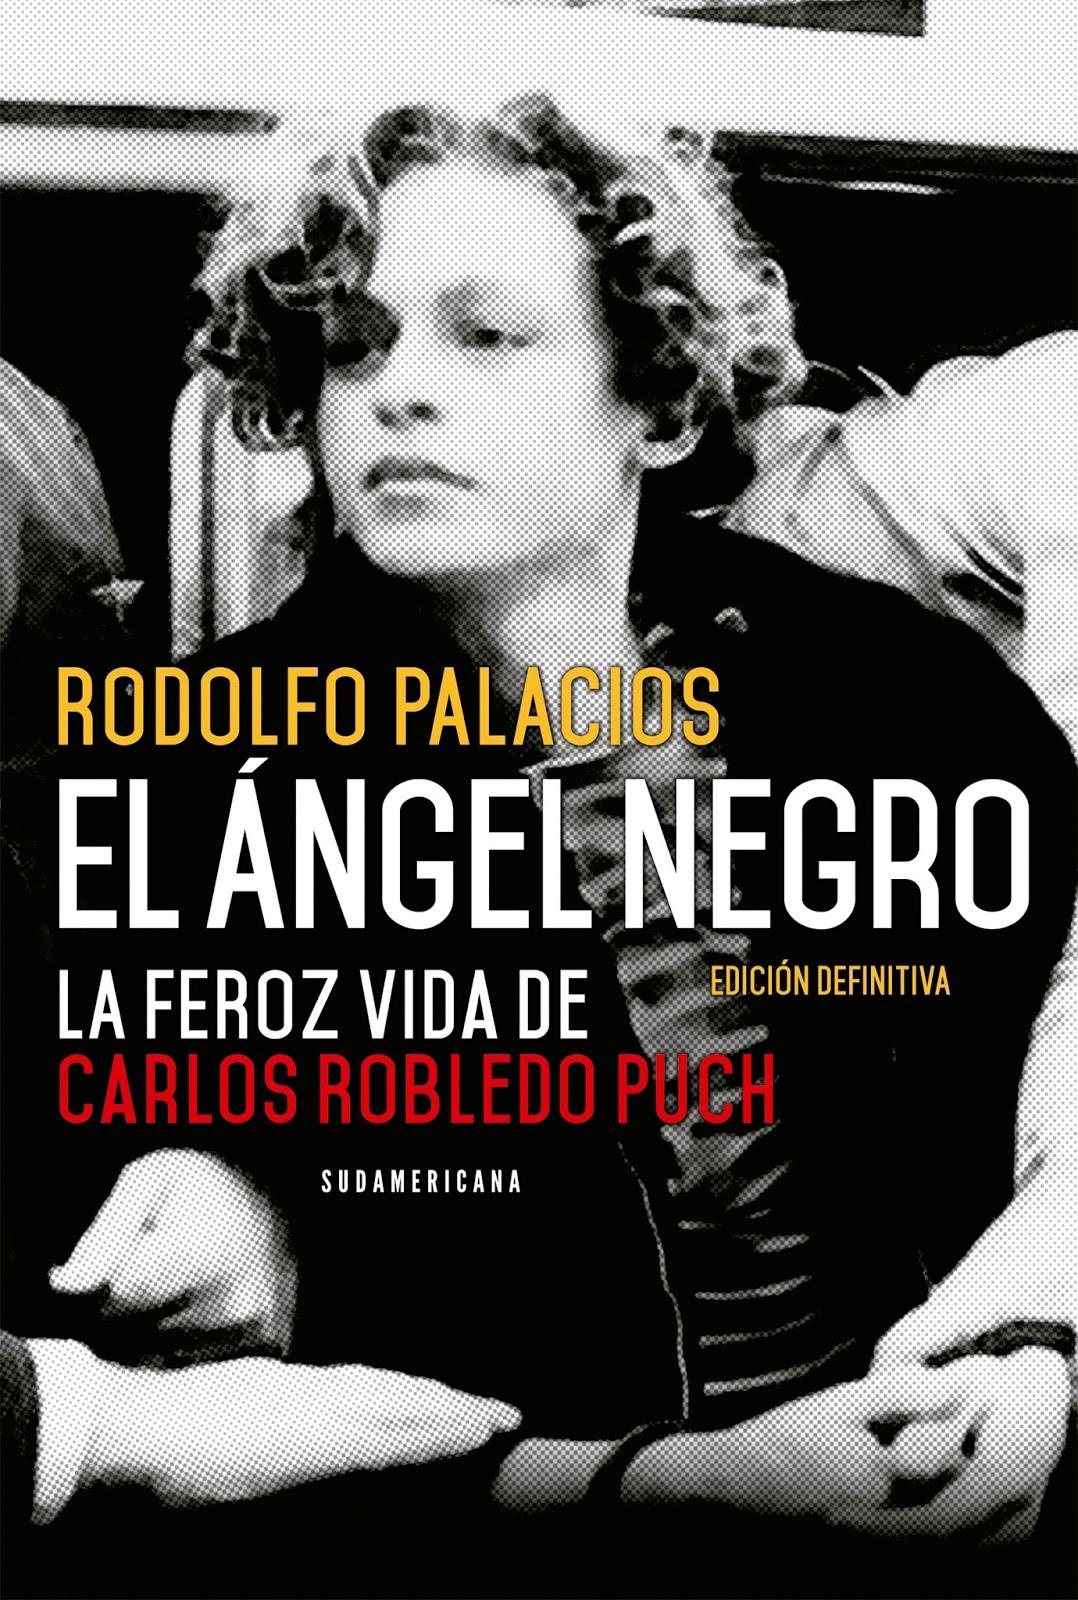 El ángel negro. La feroz vida de Carlos Robledo Puch, por Rodolfo ...